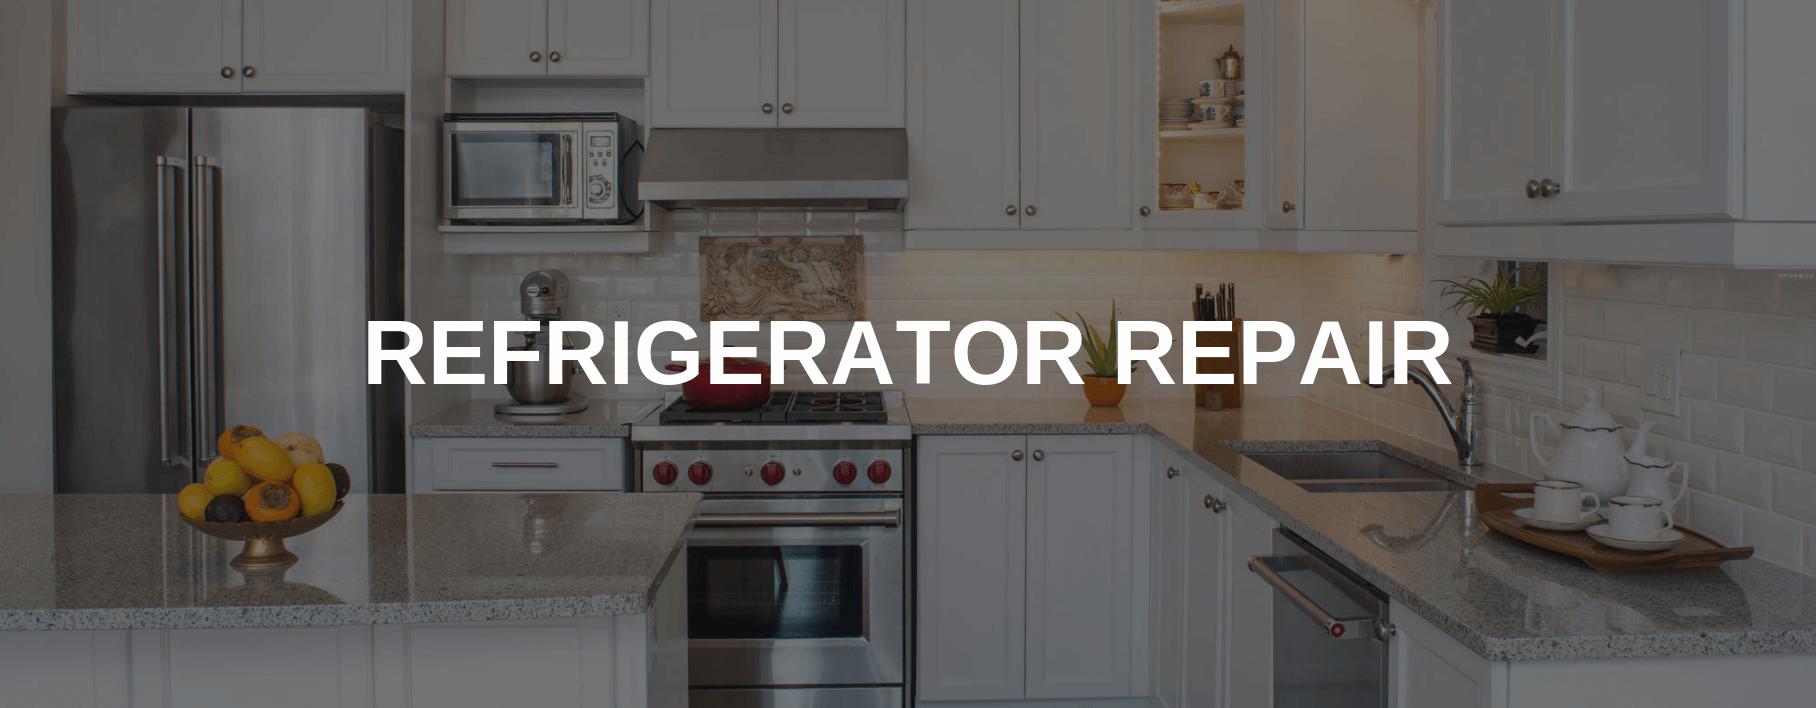 refrigerator repair cincinnati